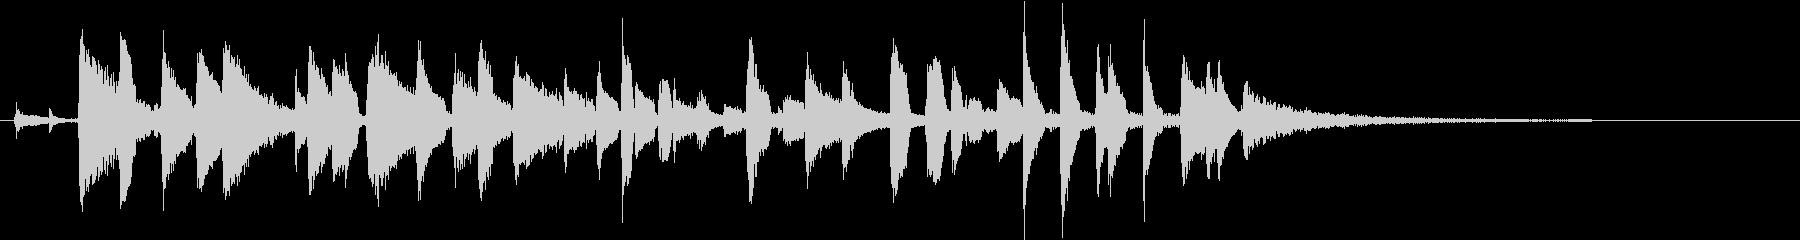 明るい動画オープニング用ジャズアジングルの未再生の波形